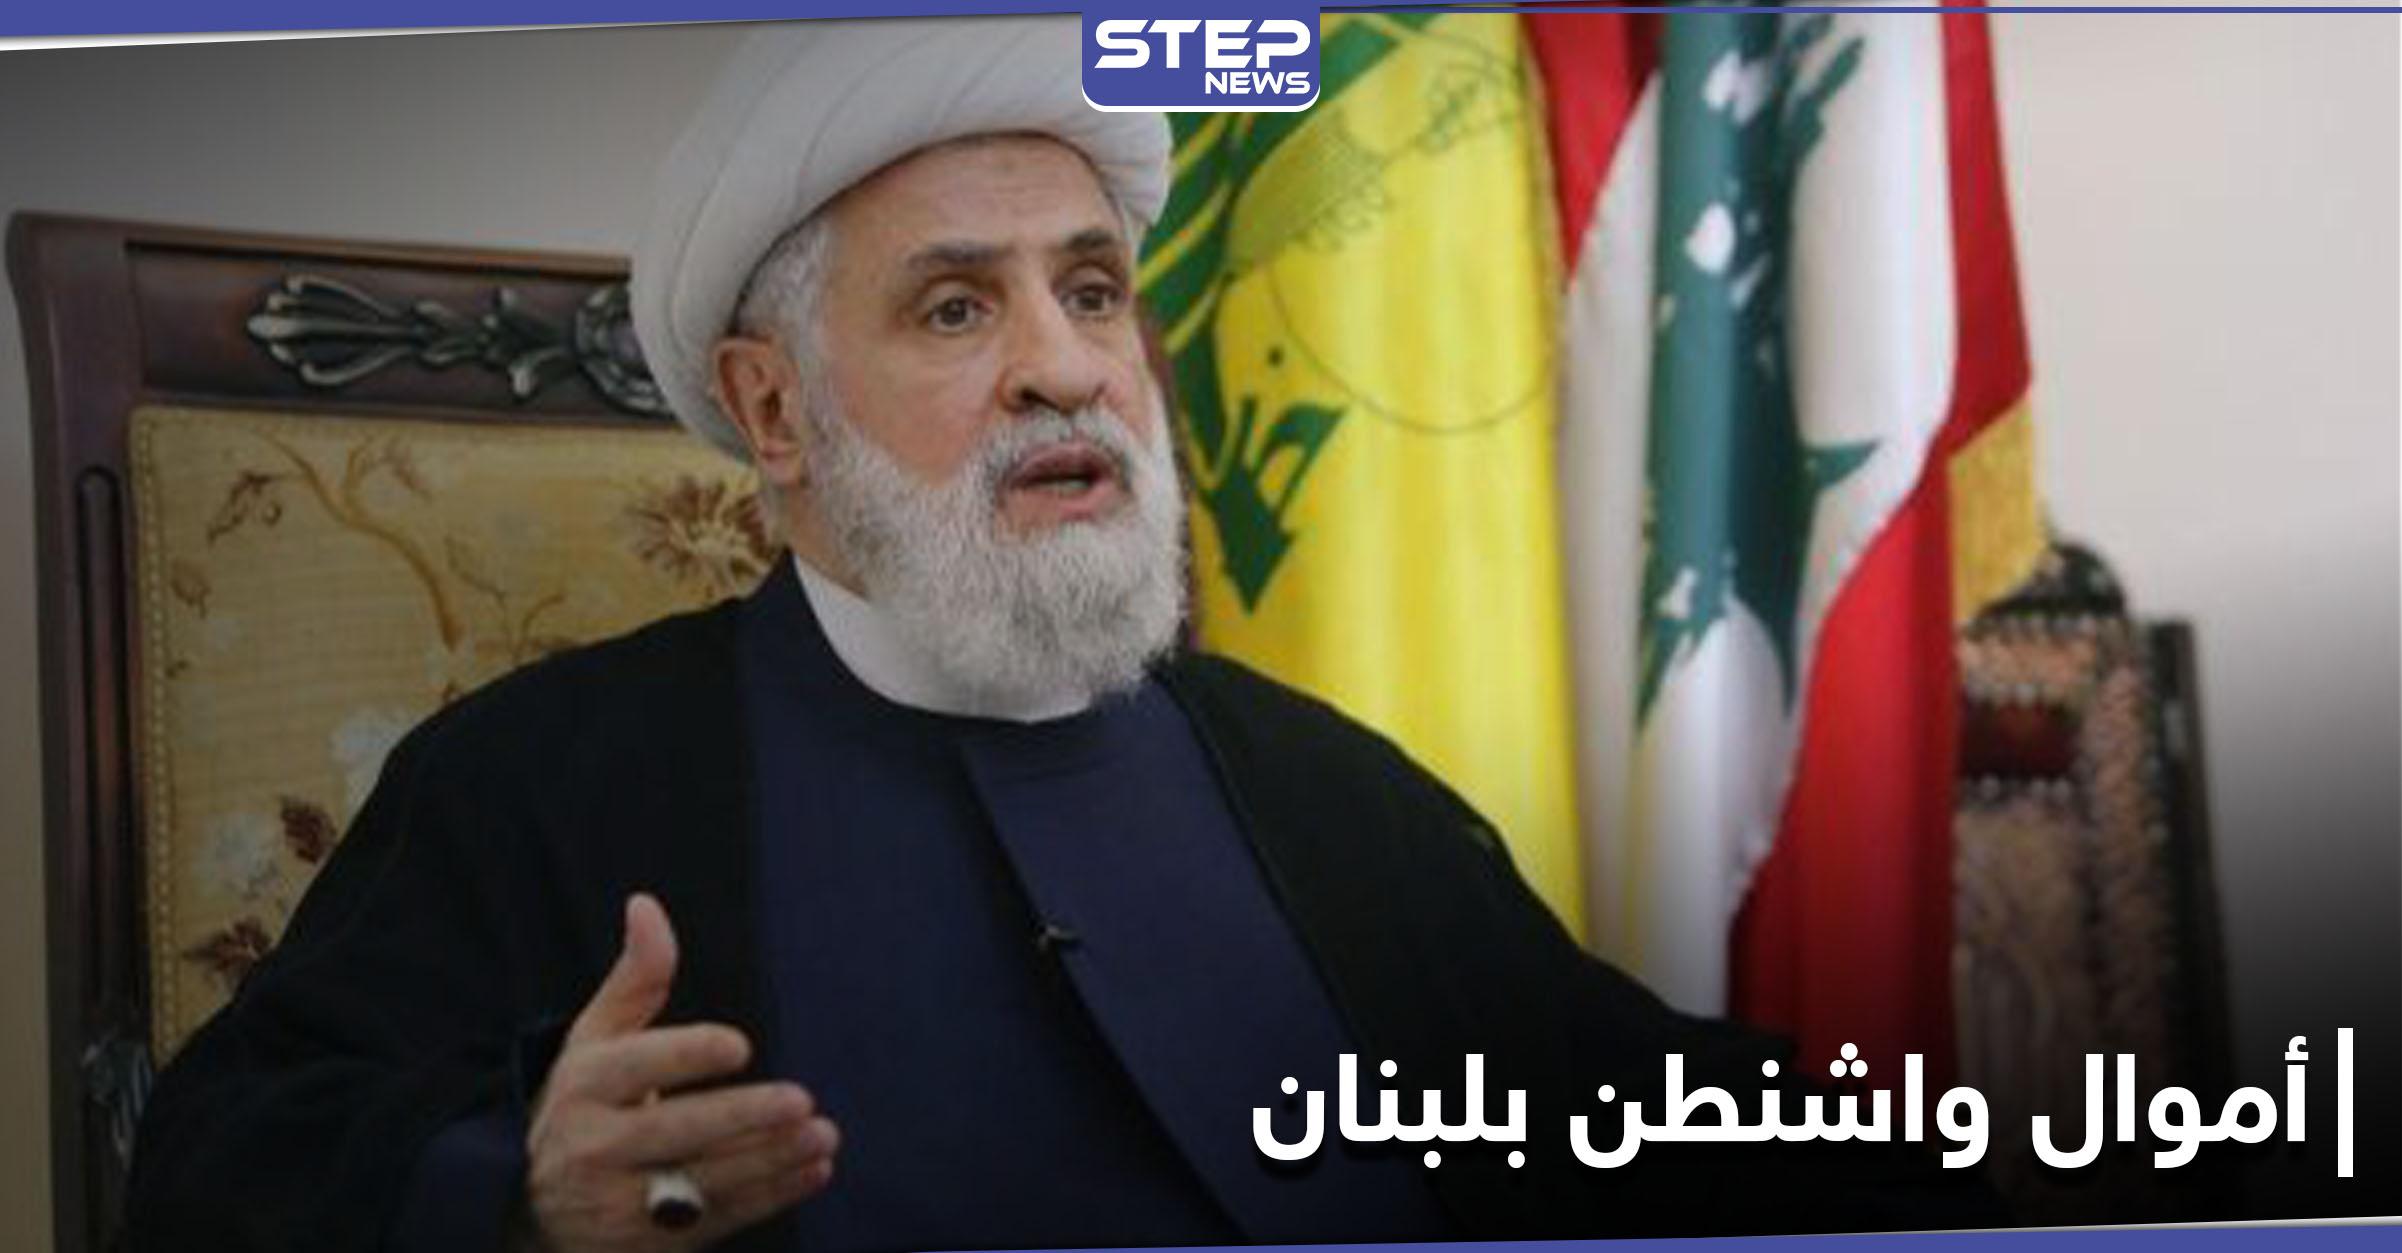 حزب الله يتحدث عن أموال صرفتها واشنطن في لبنان